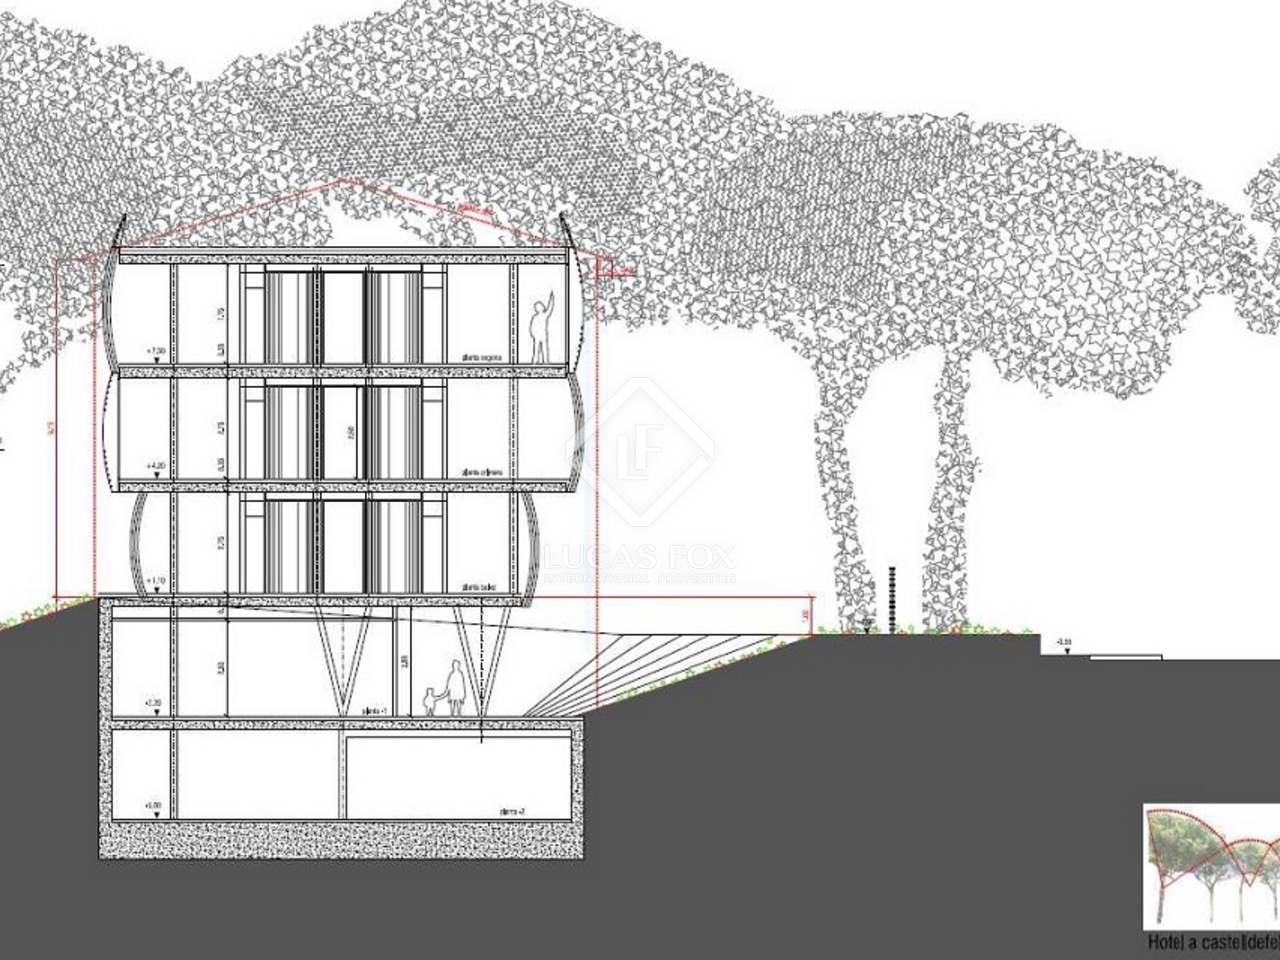 Terreno di 2 388m in vendita a castelldefels barcellona for Affittare casa a barcellona